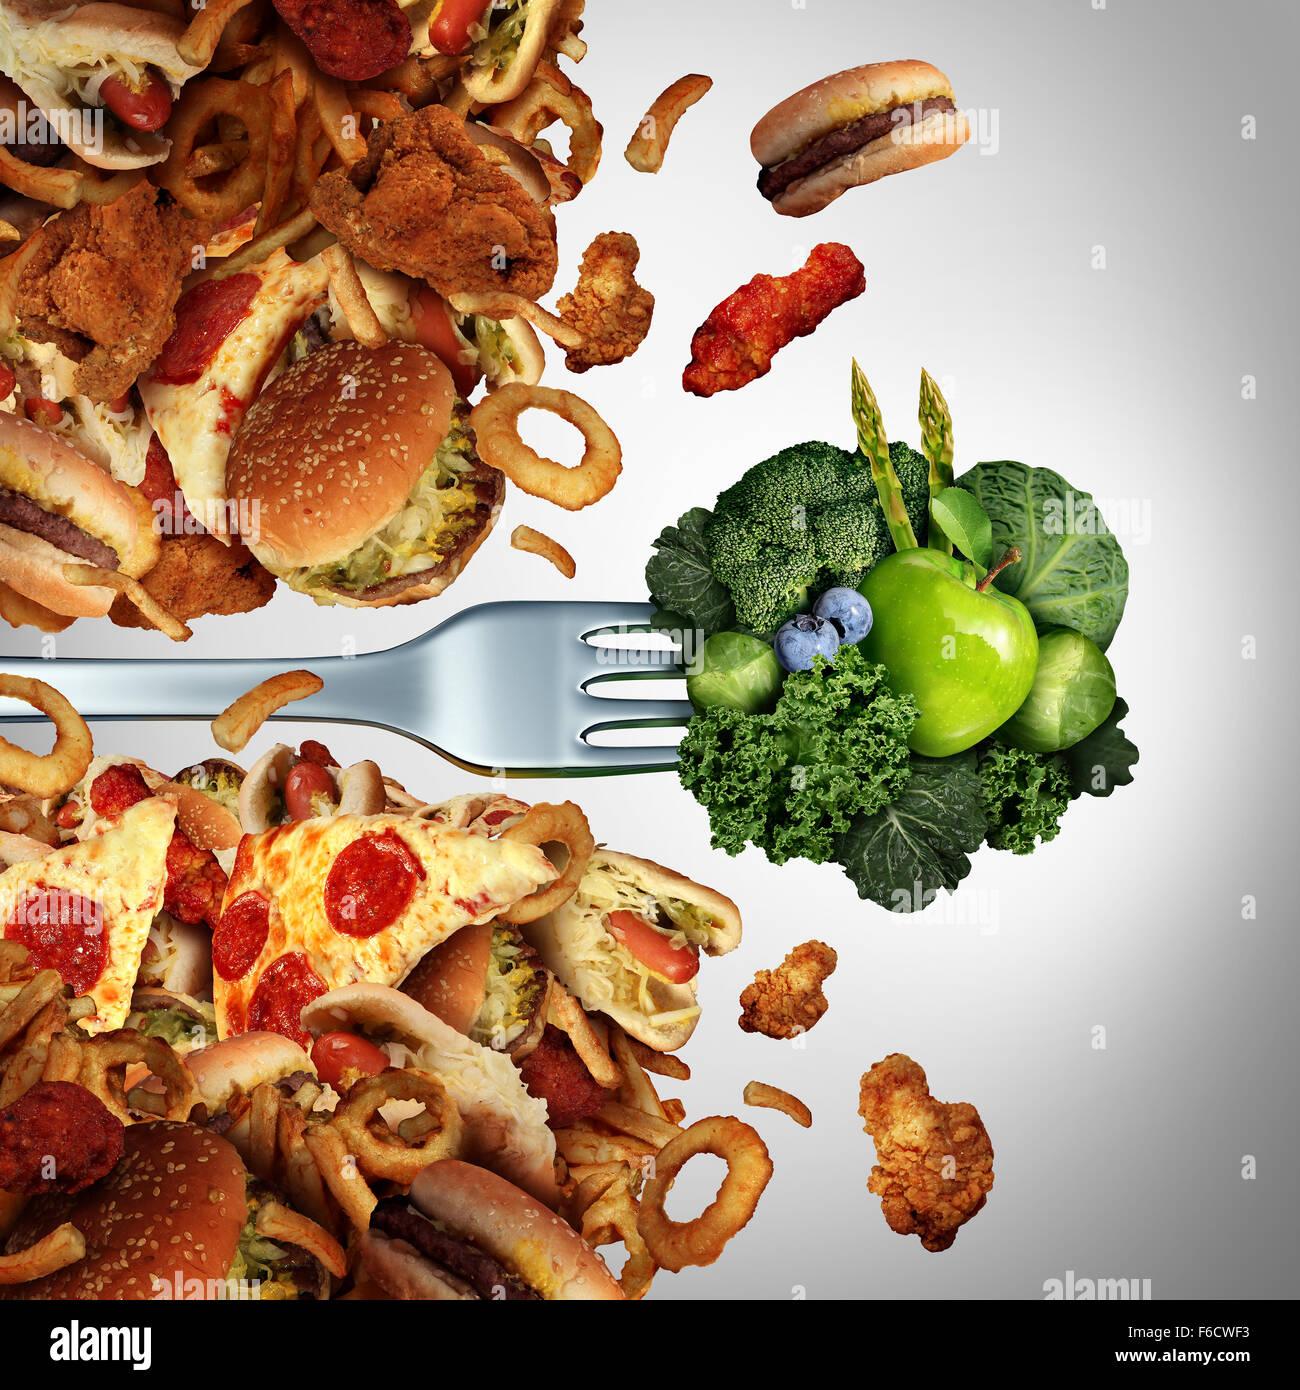 Dieta salute nutrizione rivoluzionario concetto come una forcella con verde sani frutti e verdure rottura attraverso Immagini Stock